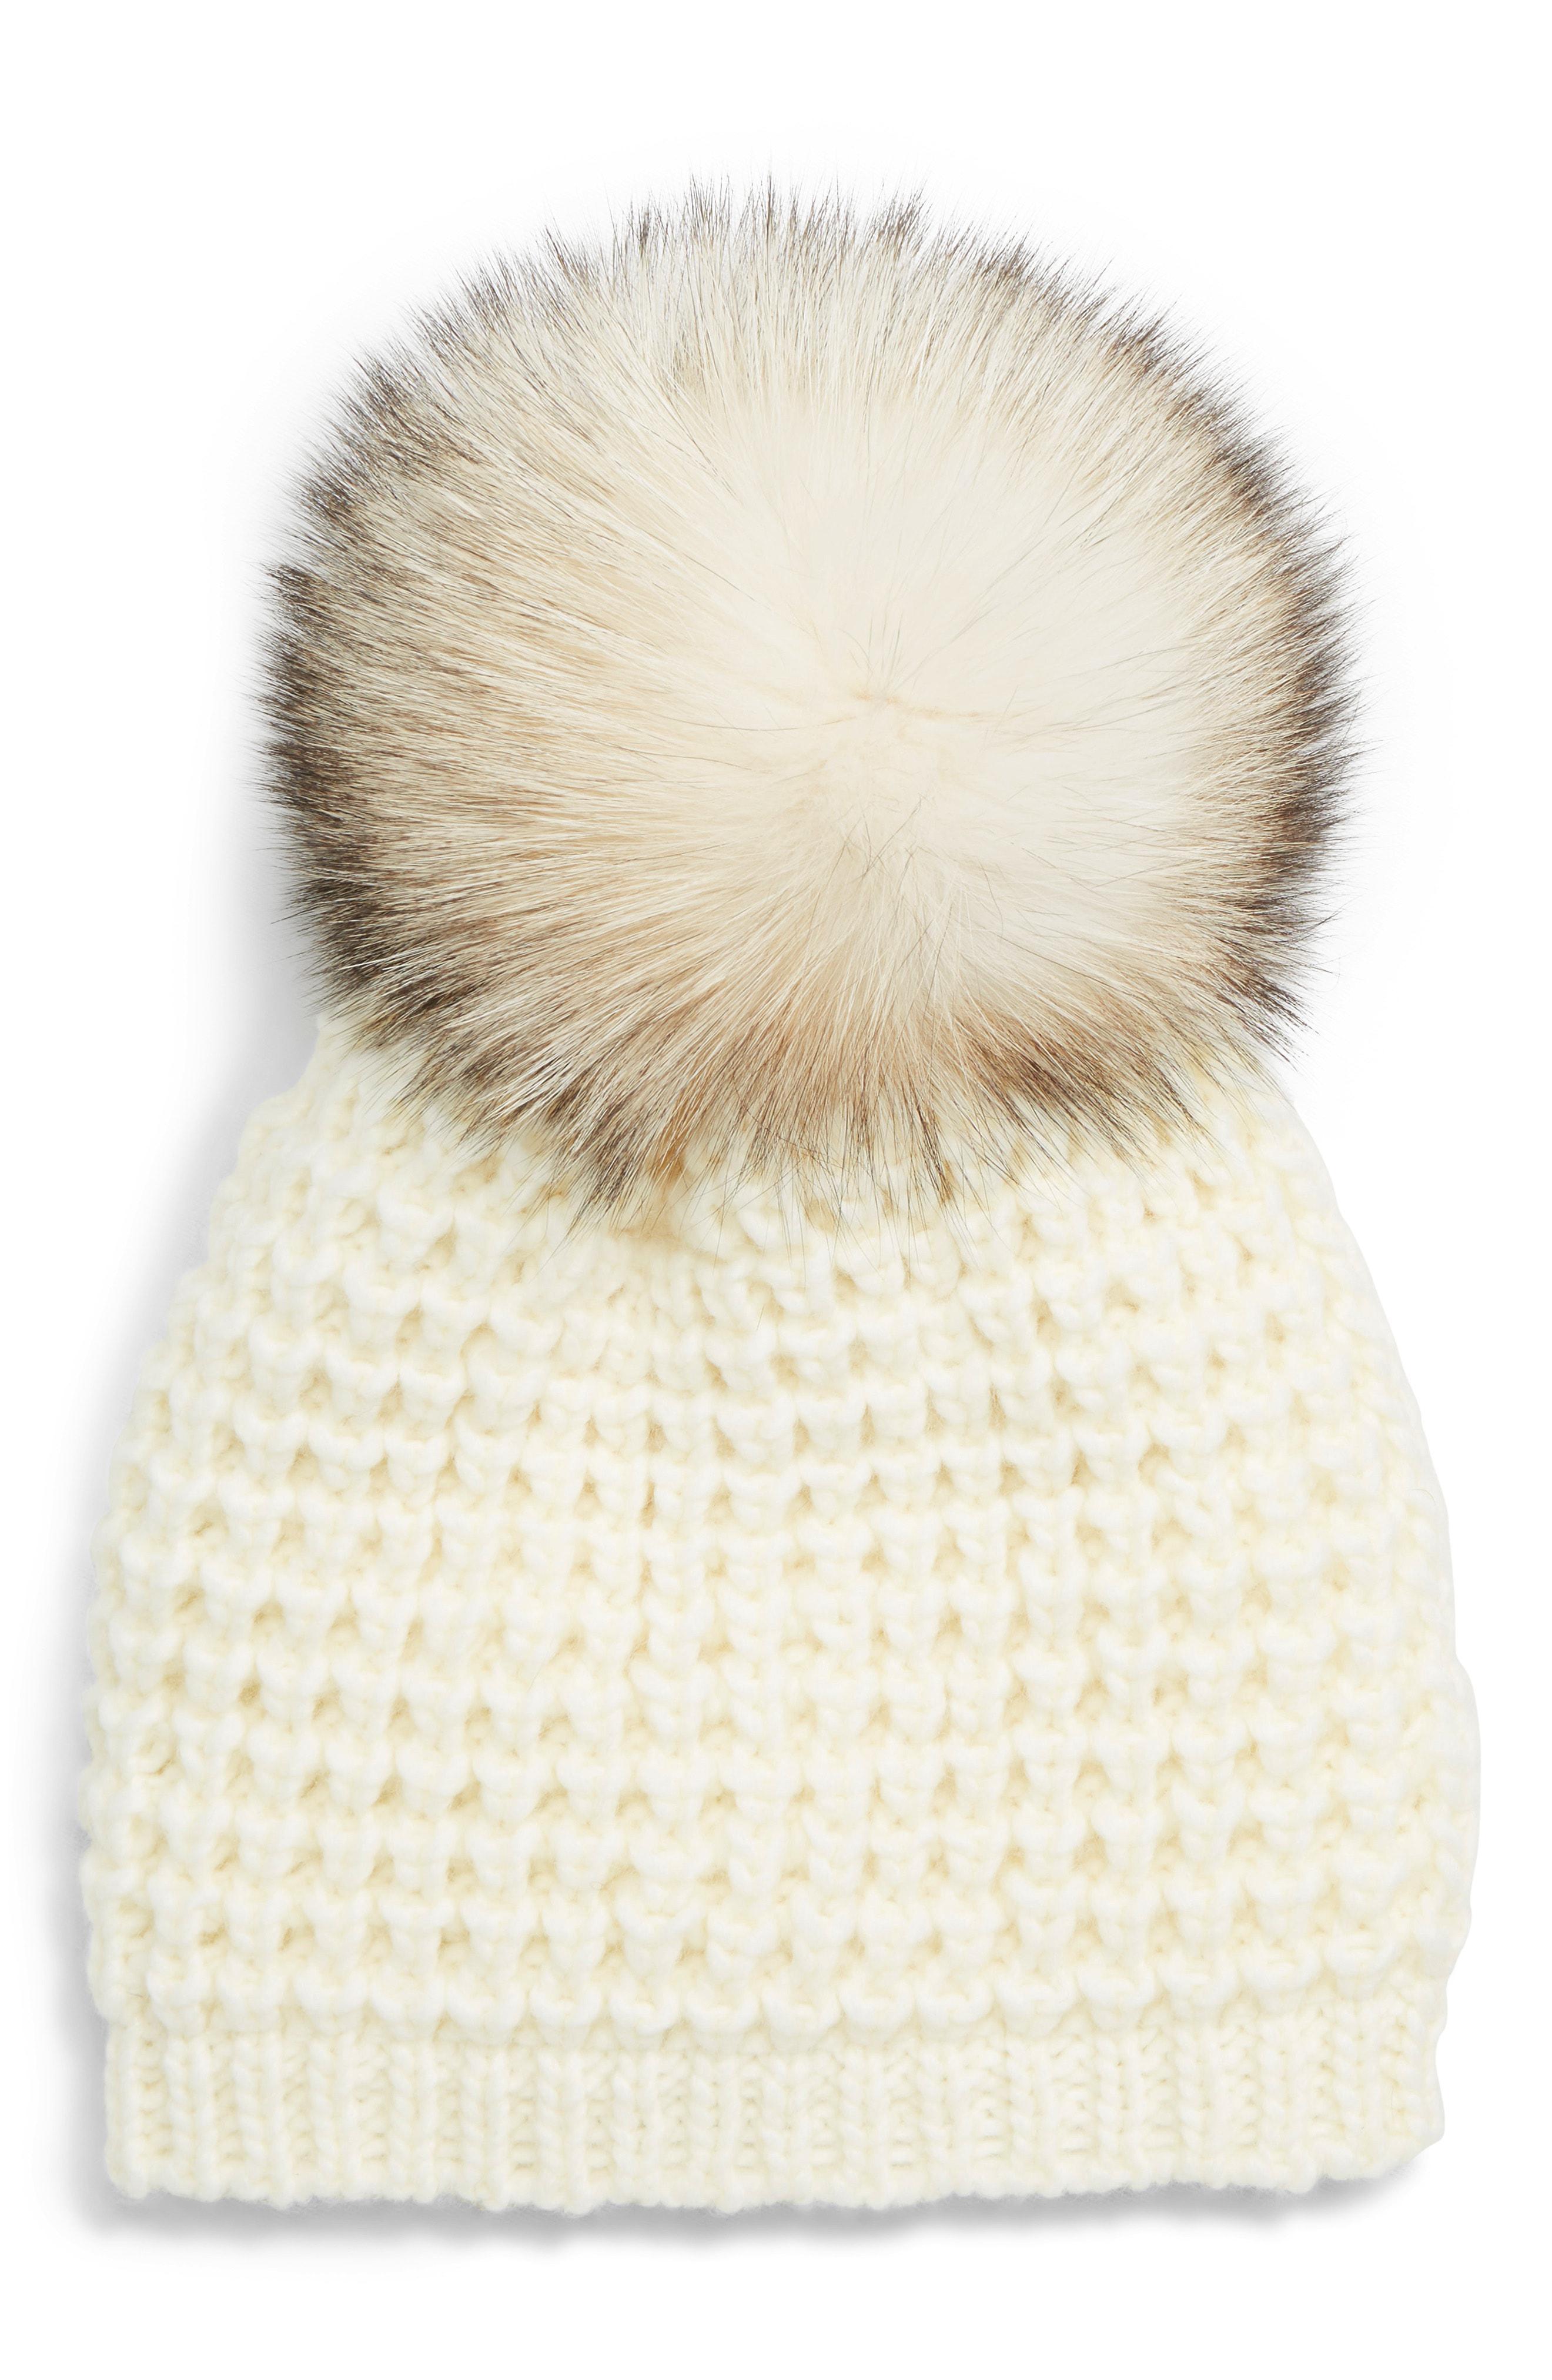 a4dca147b6529 Kyi Kyi. Women s Genuine Fox Pompom Hat